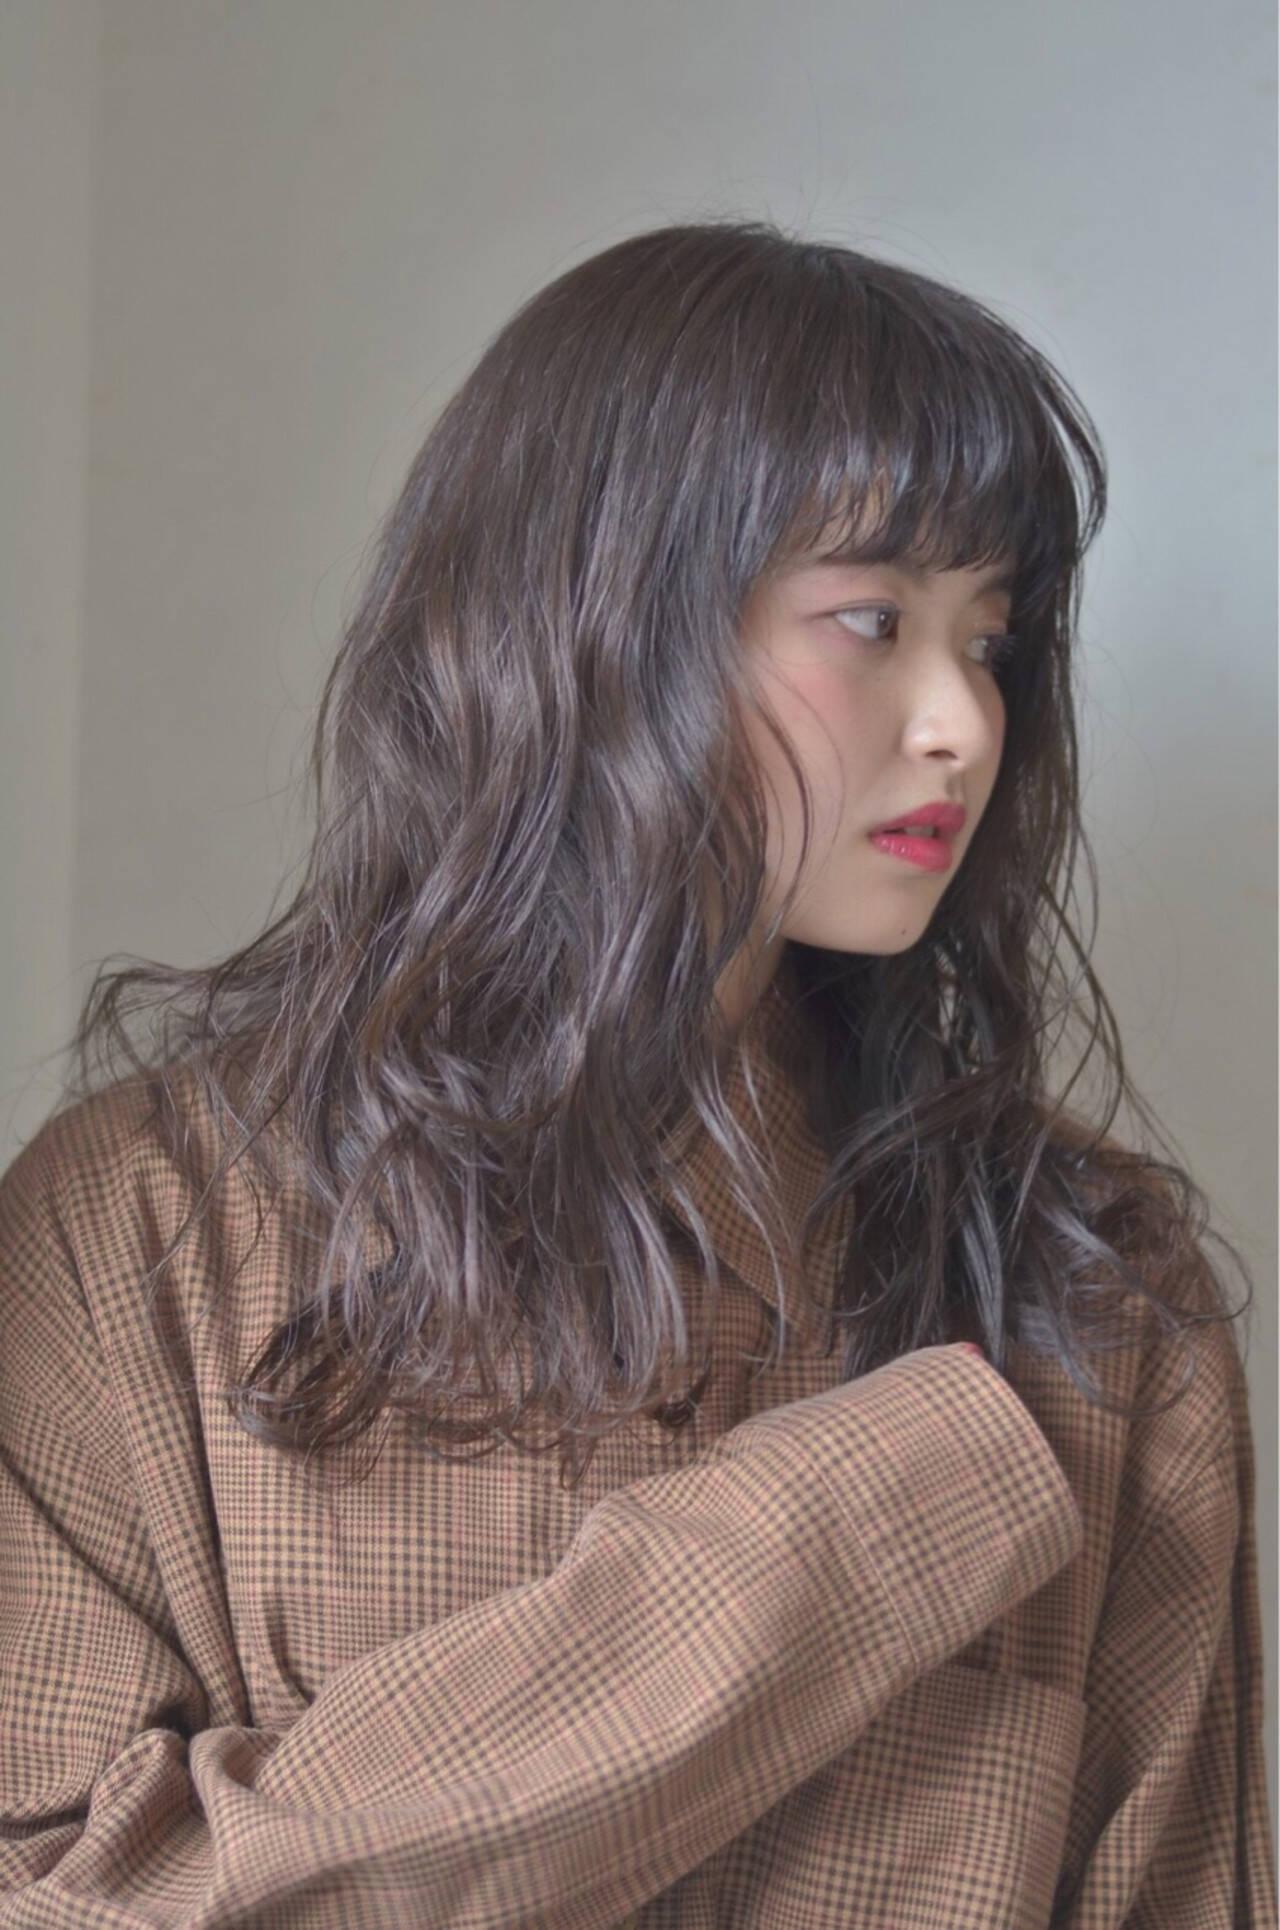 前髪あり ロング ナチュラル 春ヘアスタイルや髪型の写真・画像